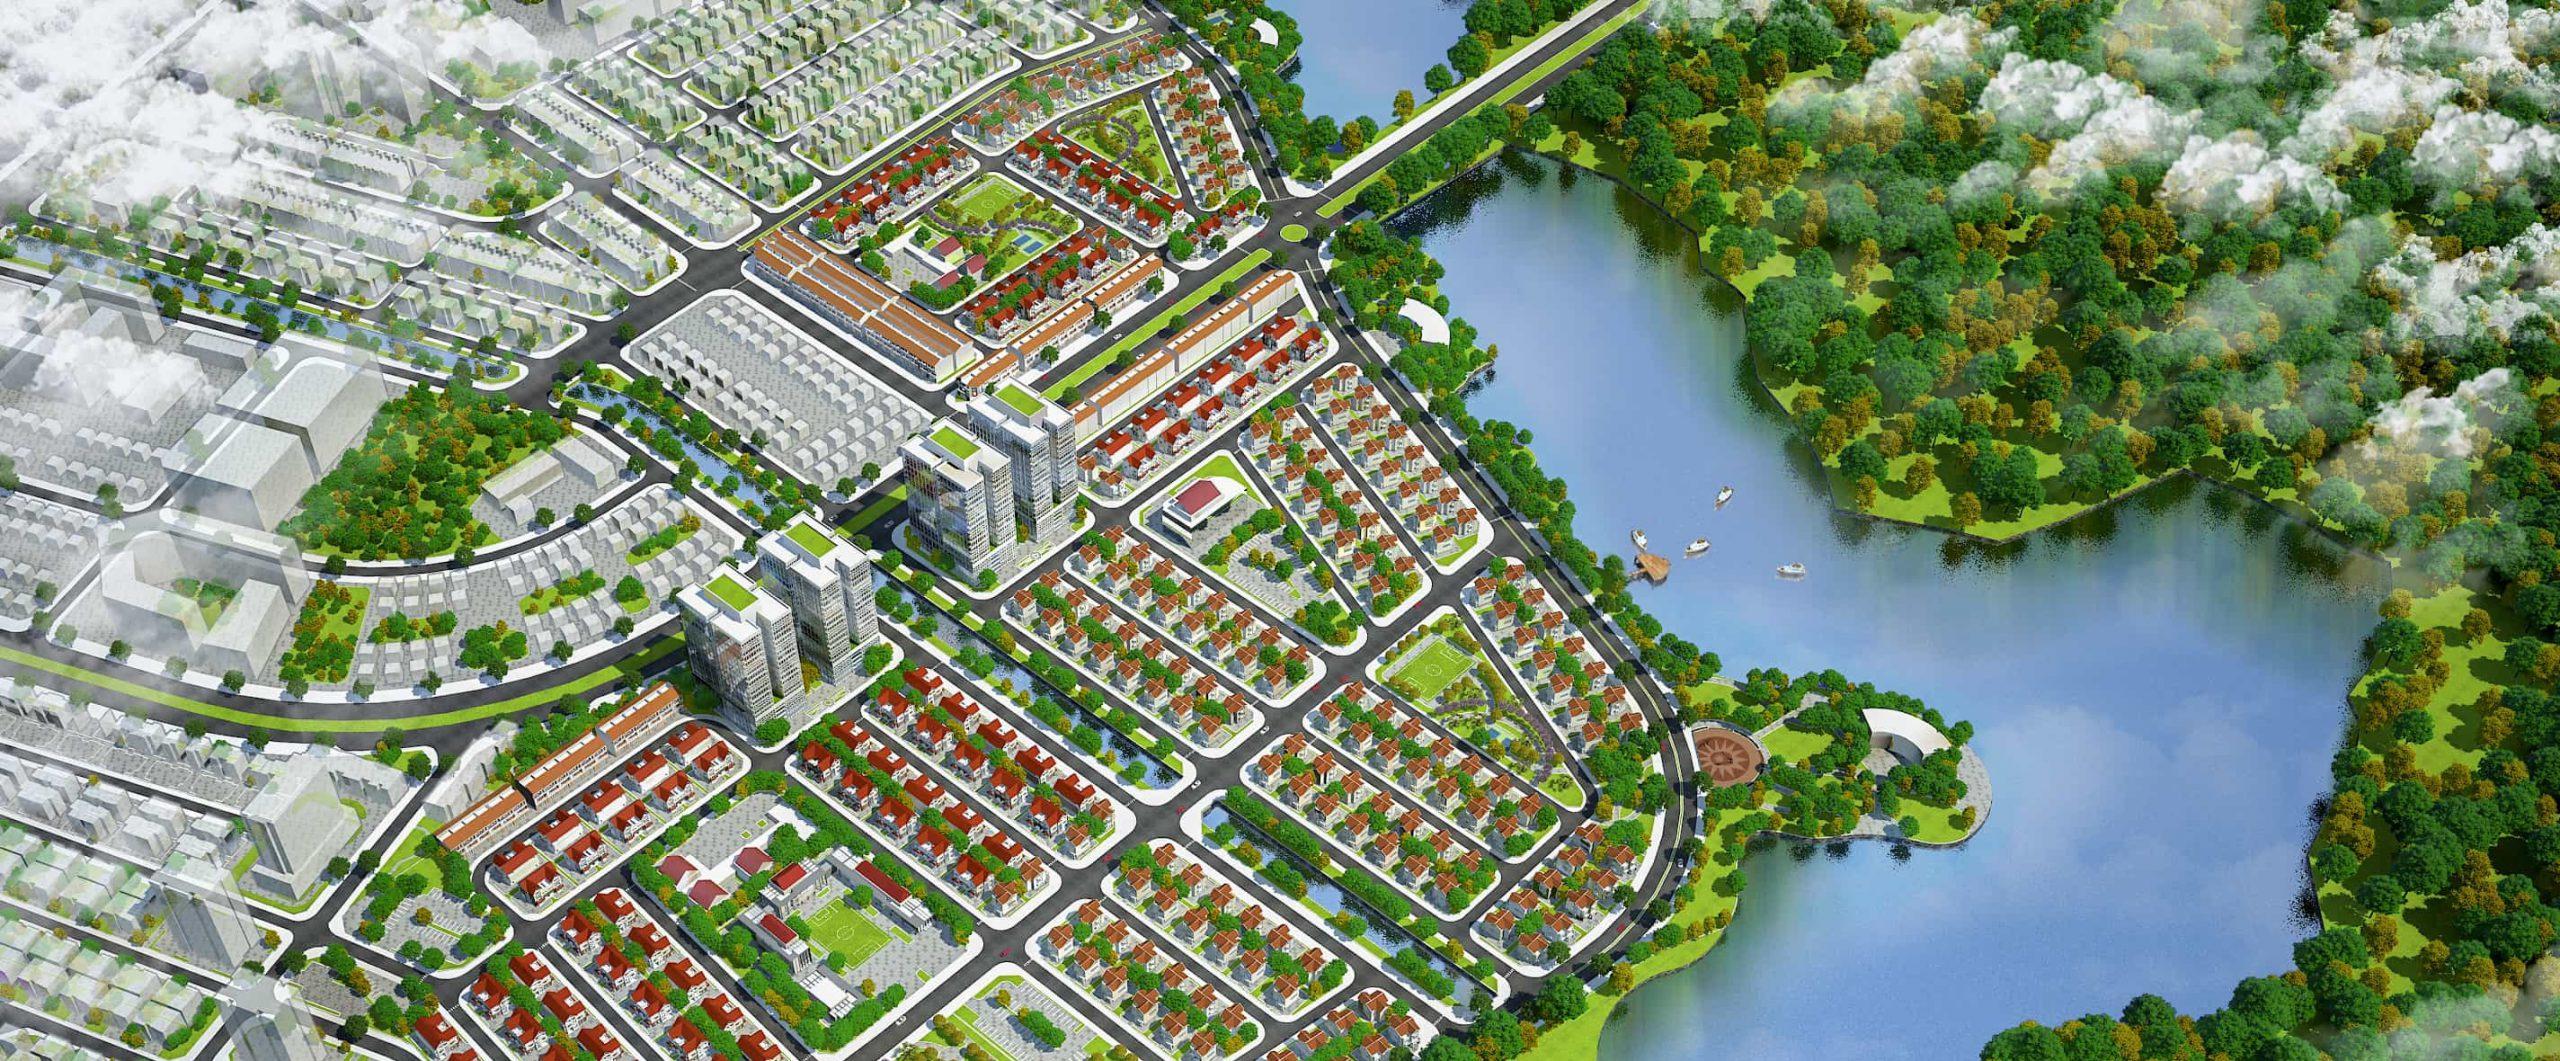 Mặt bằng - Quy hoạch Dự án Khu đô thị Làng Hoa Tiền Phong Mê Linh